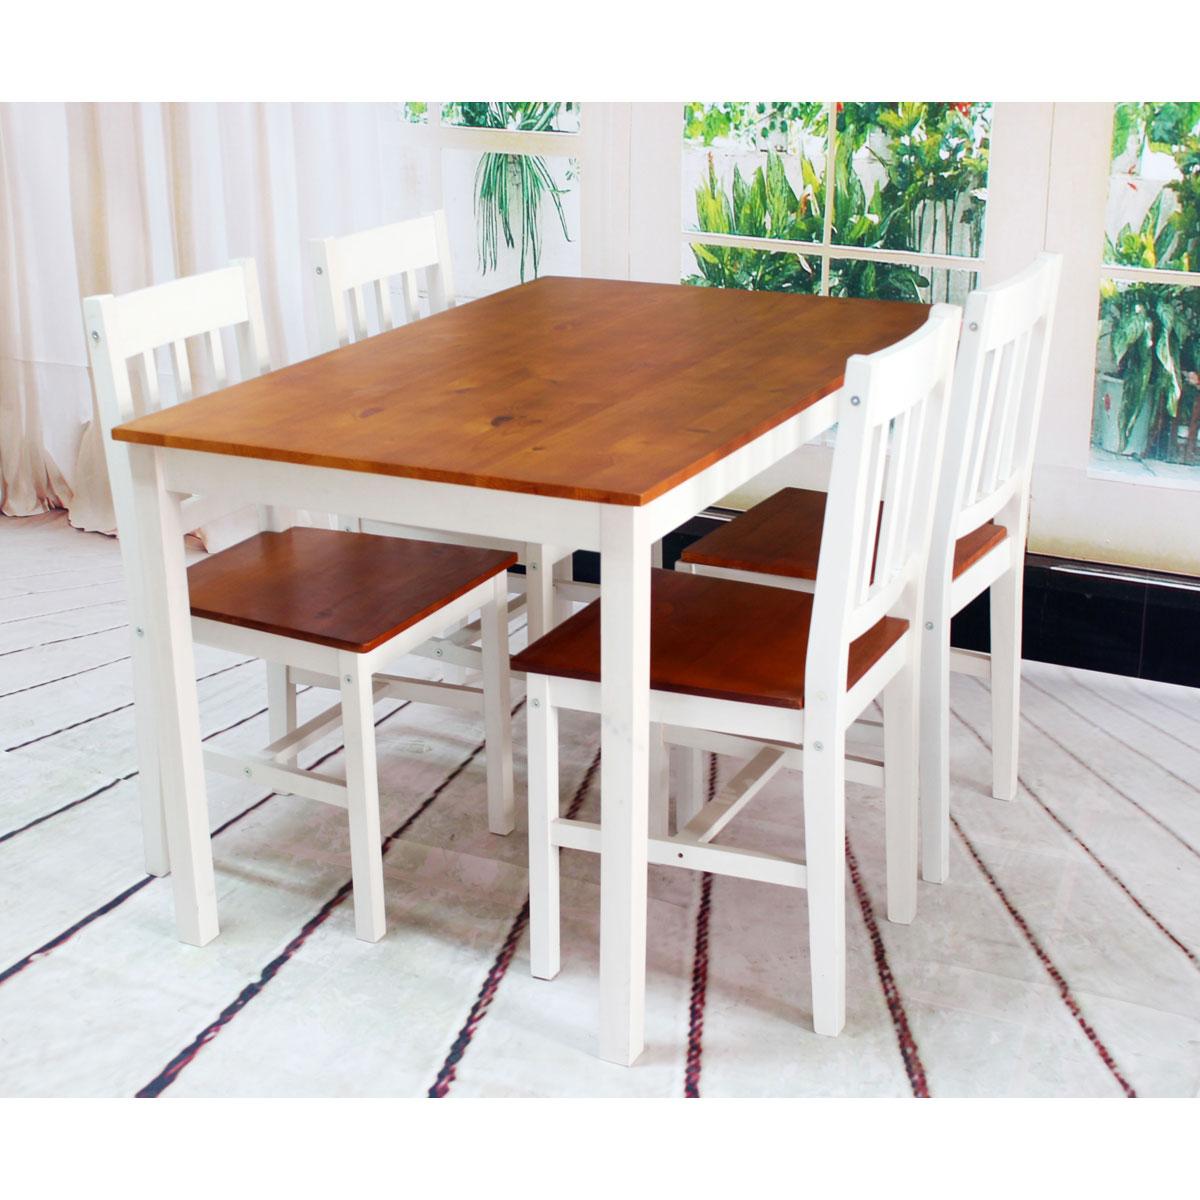 Bradex: «Лучшая мебель по справедливой цене»